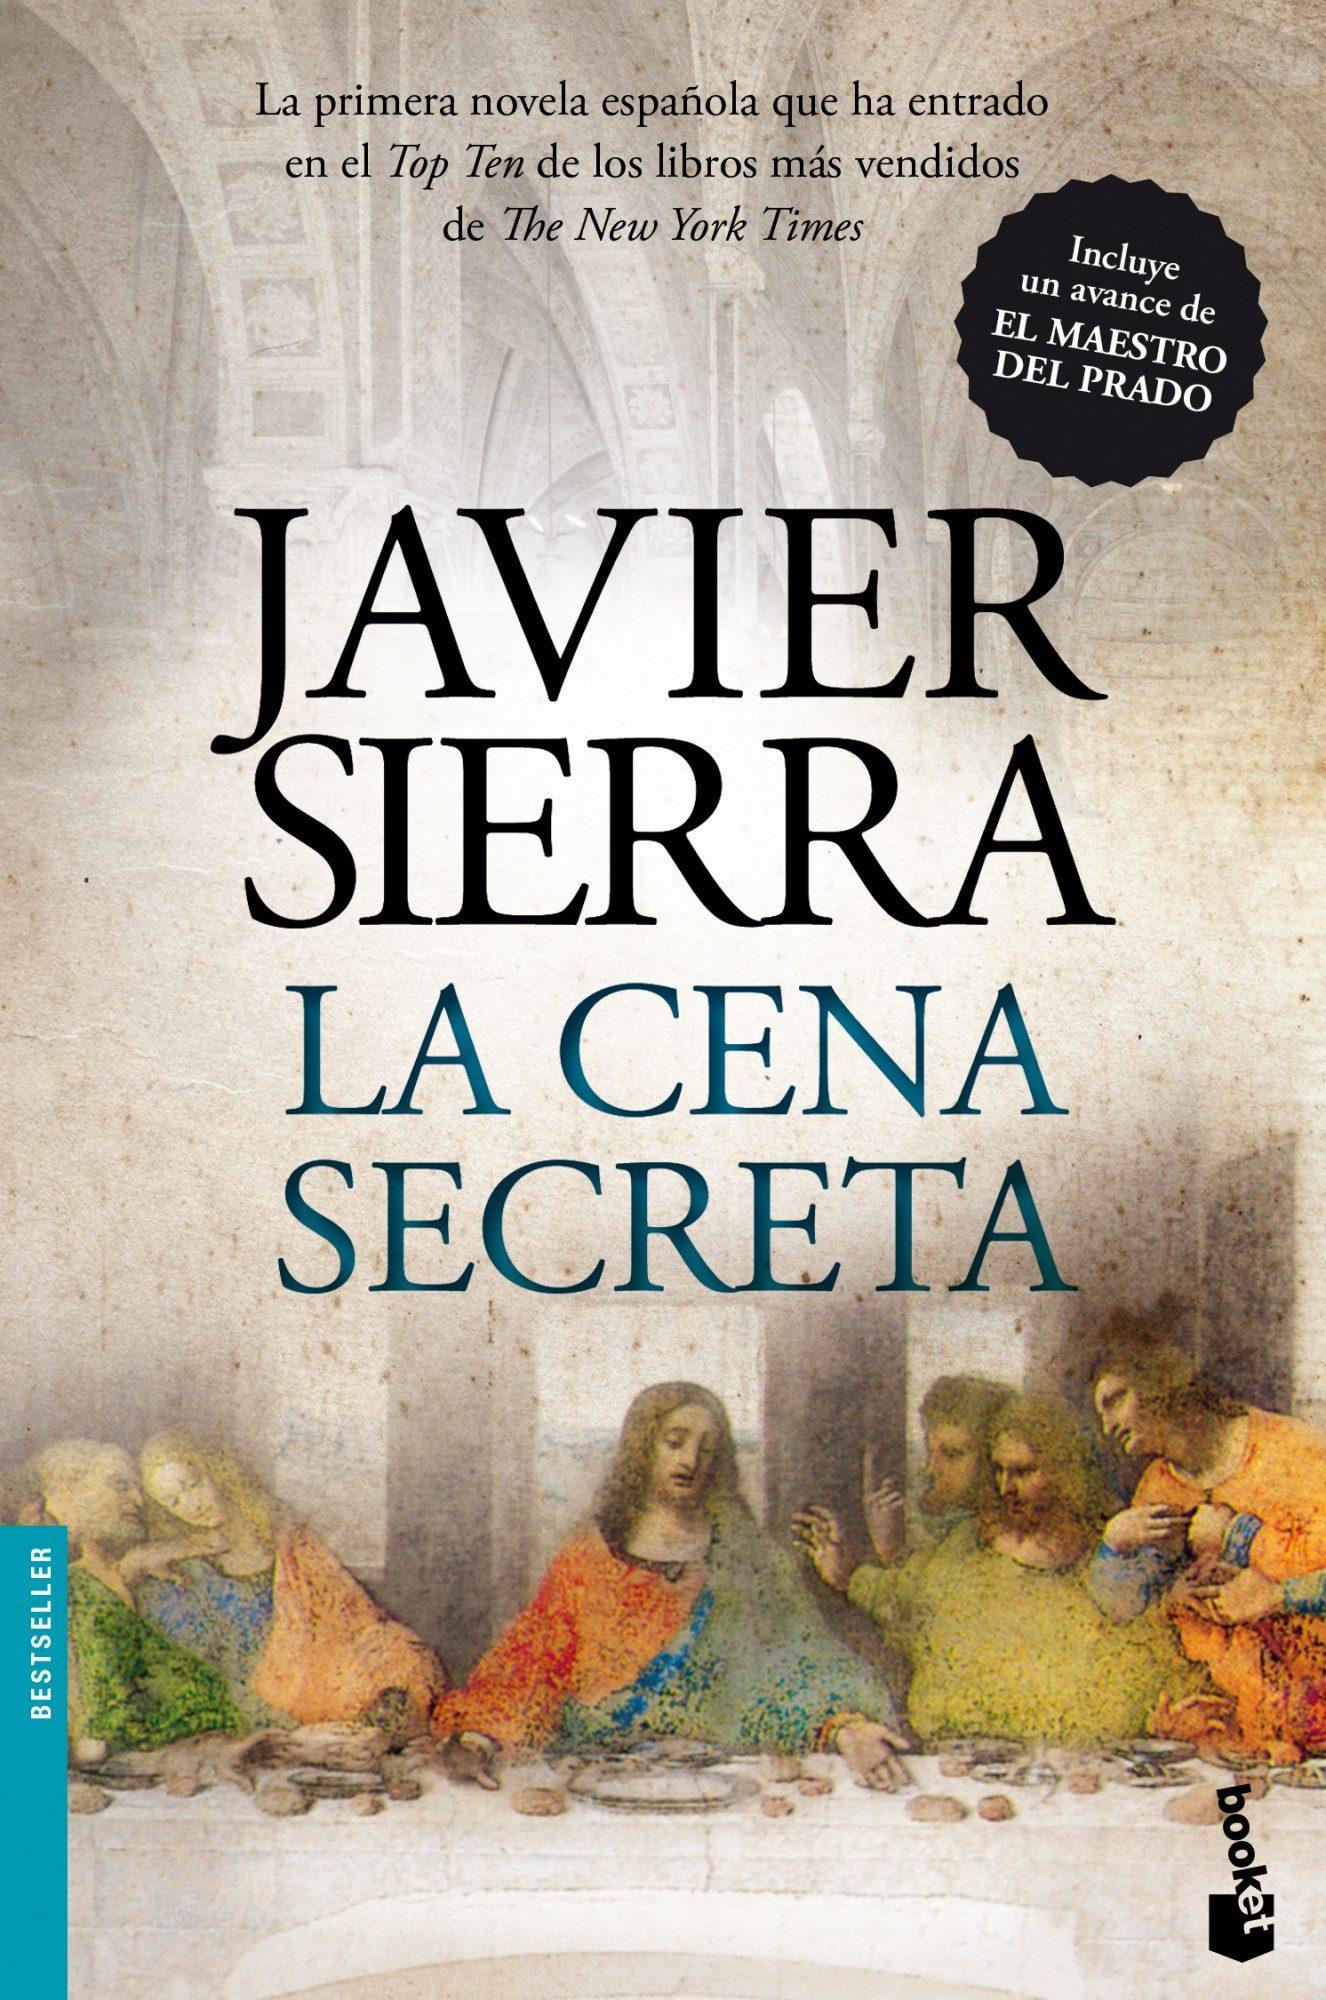 La Cena Secreta - Javier Sierra - Booket